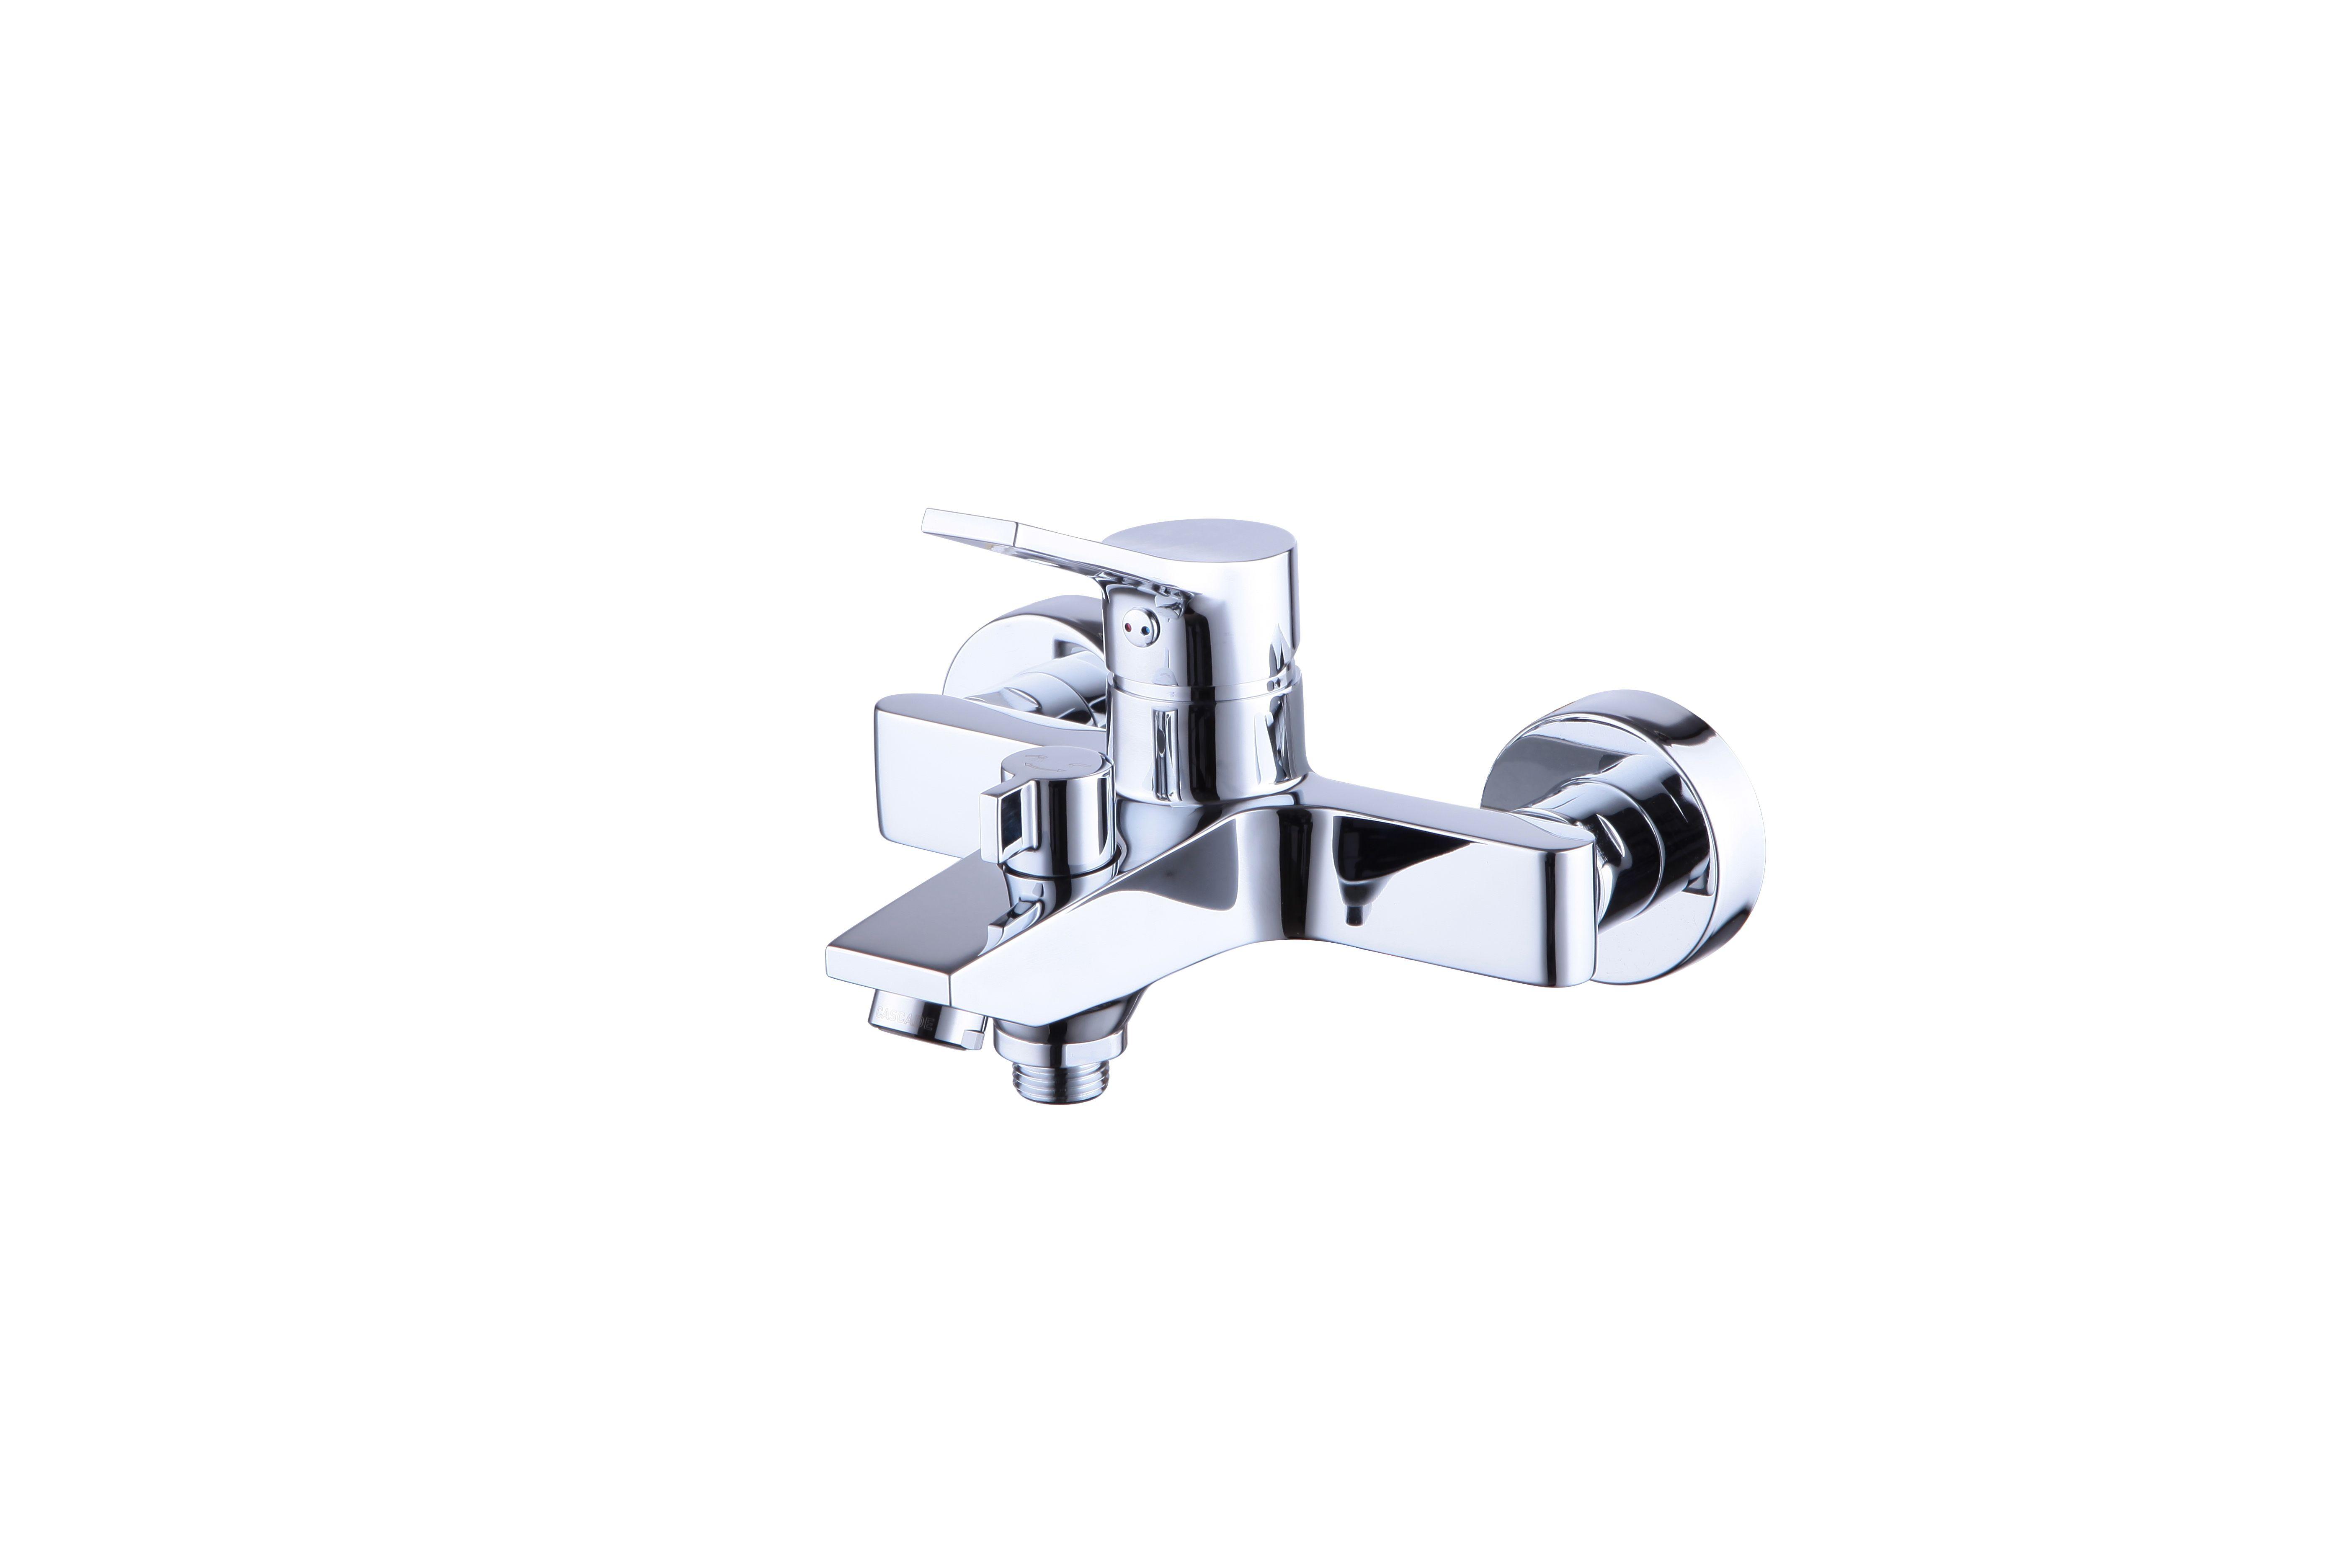 Смеситель SMARTsant Смарт-Эдванс для ванны/душа смеситель для ванны и душа smartsant квадро sm163502aa r